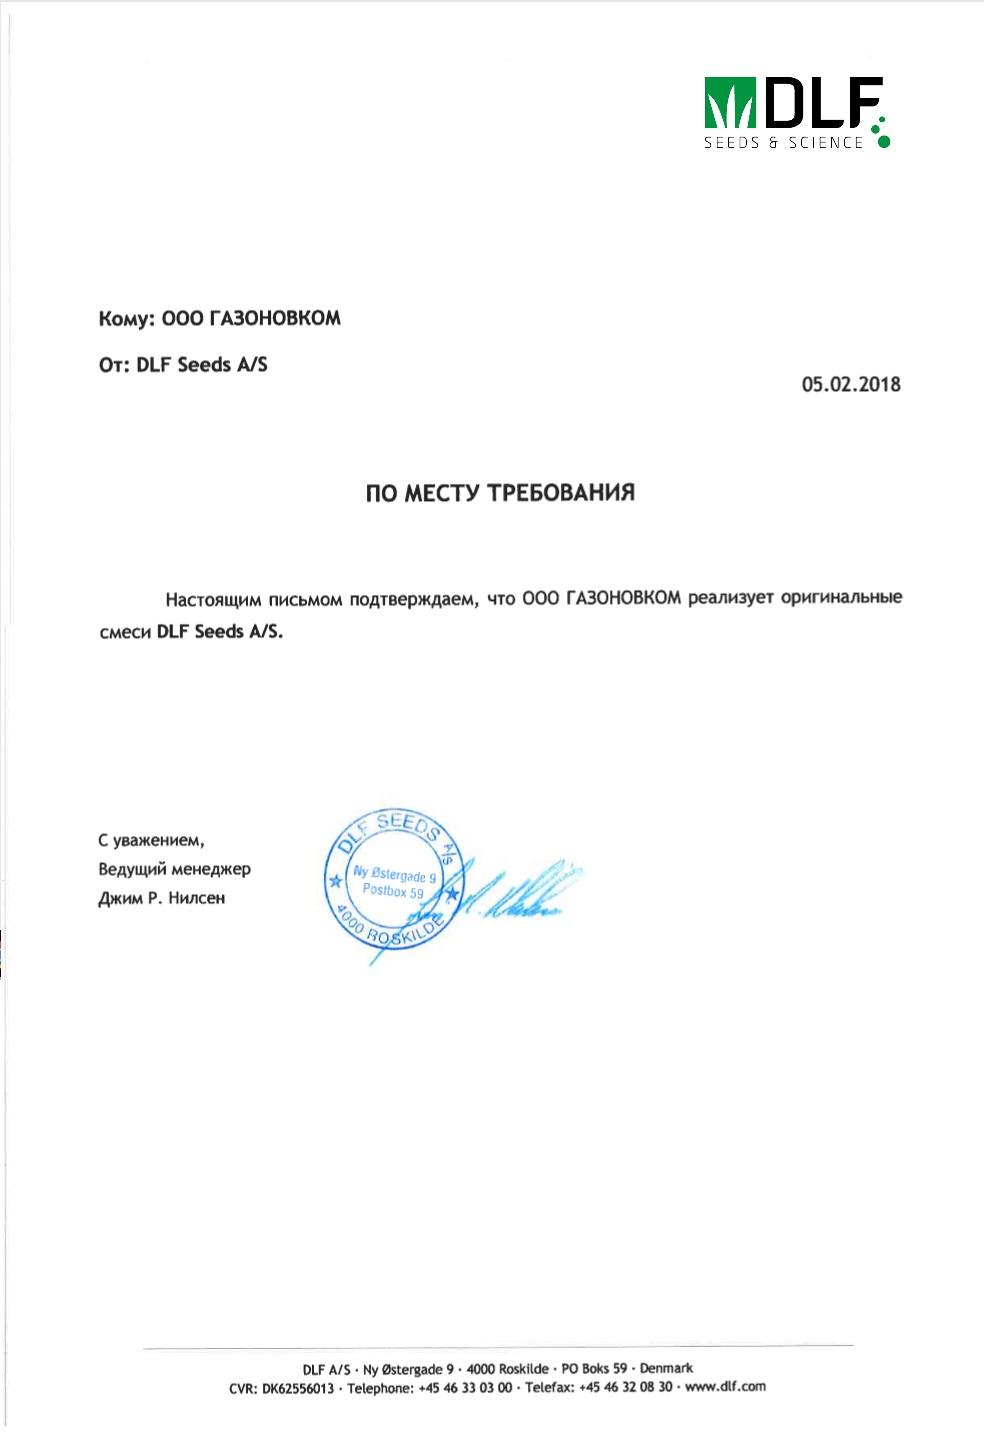 http://gazonov.com/images/upload/pismo-dlf-1.jpg